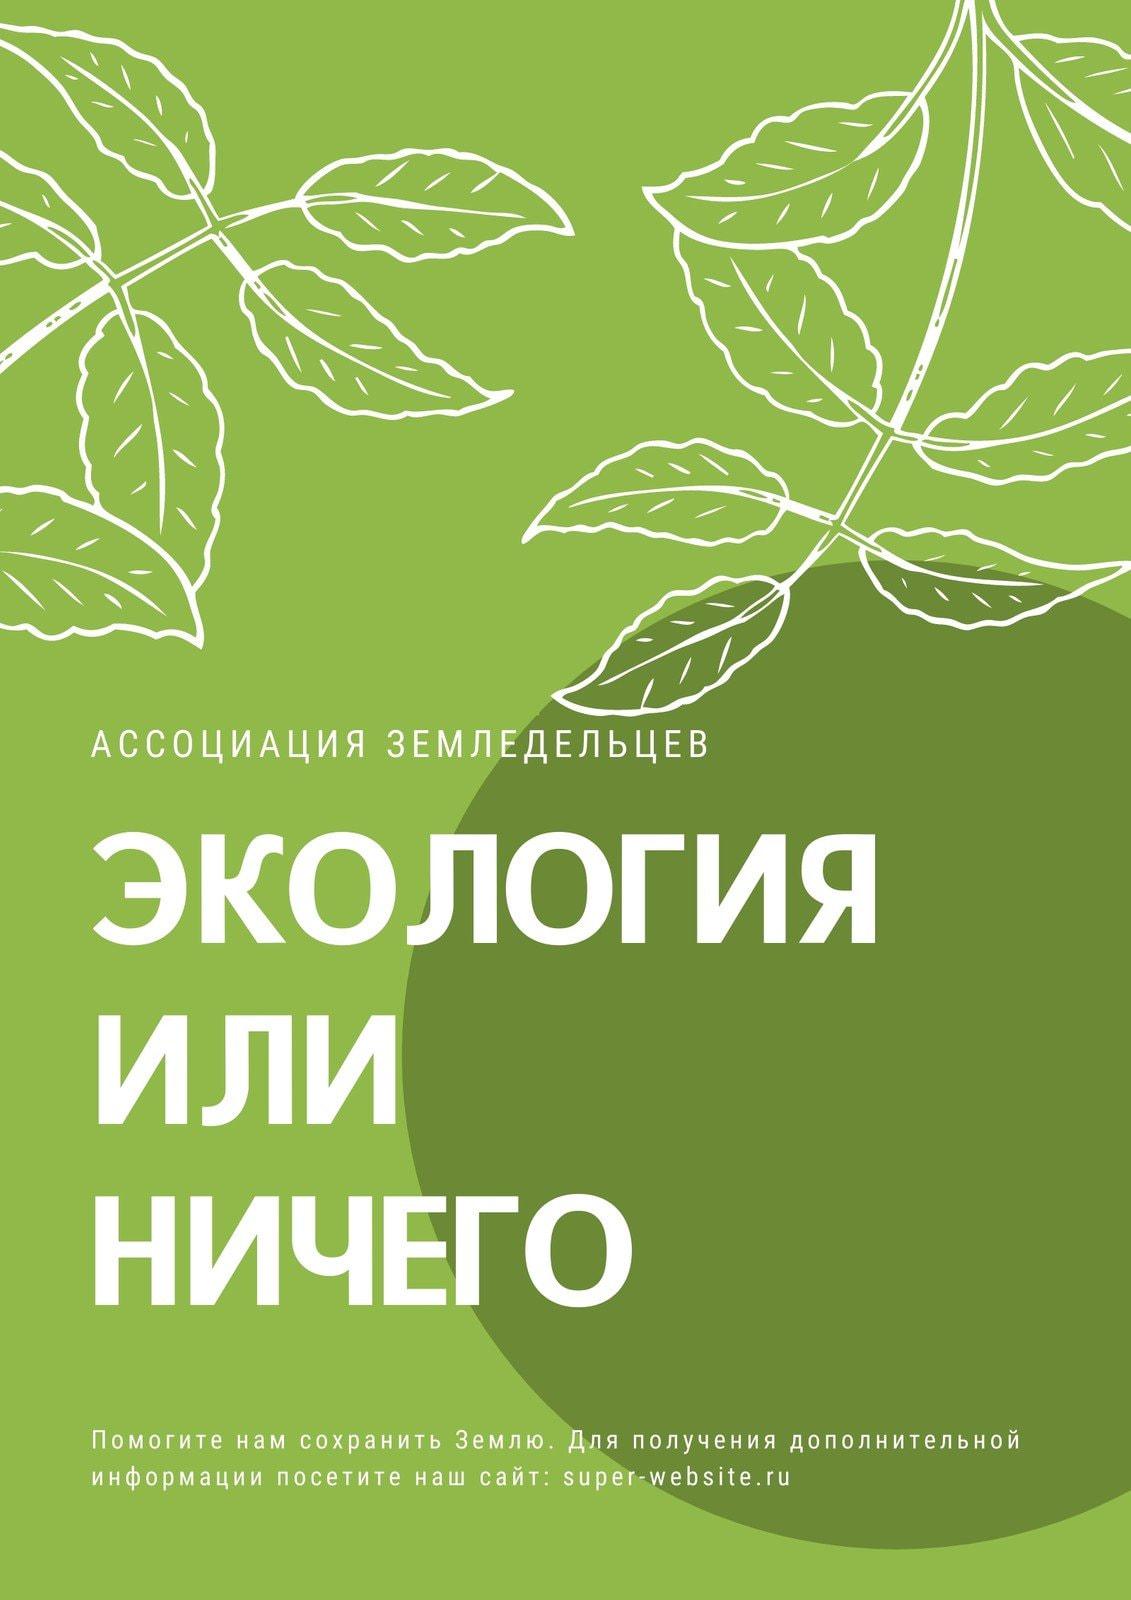 Зеленый Иллюстрированный Листья Природа Защита Окружающей Среды Плакат